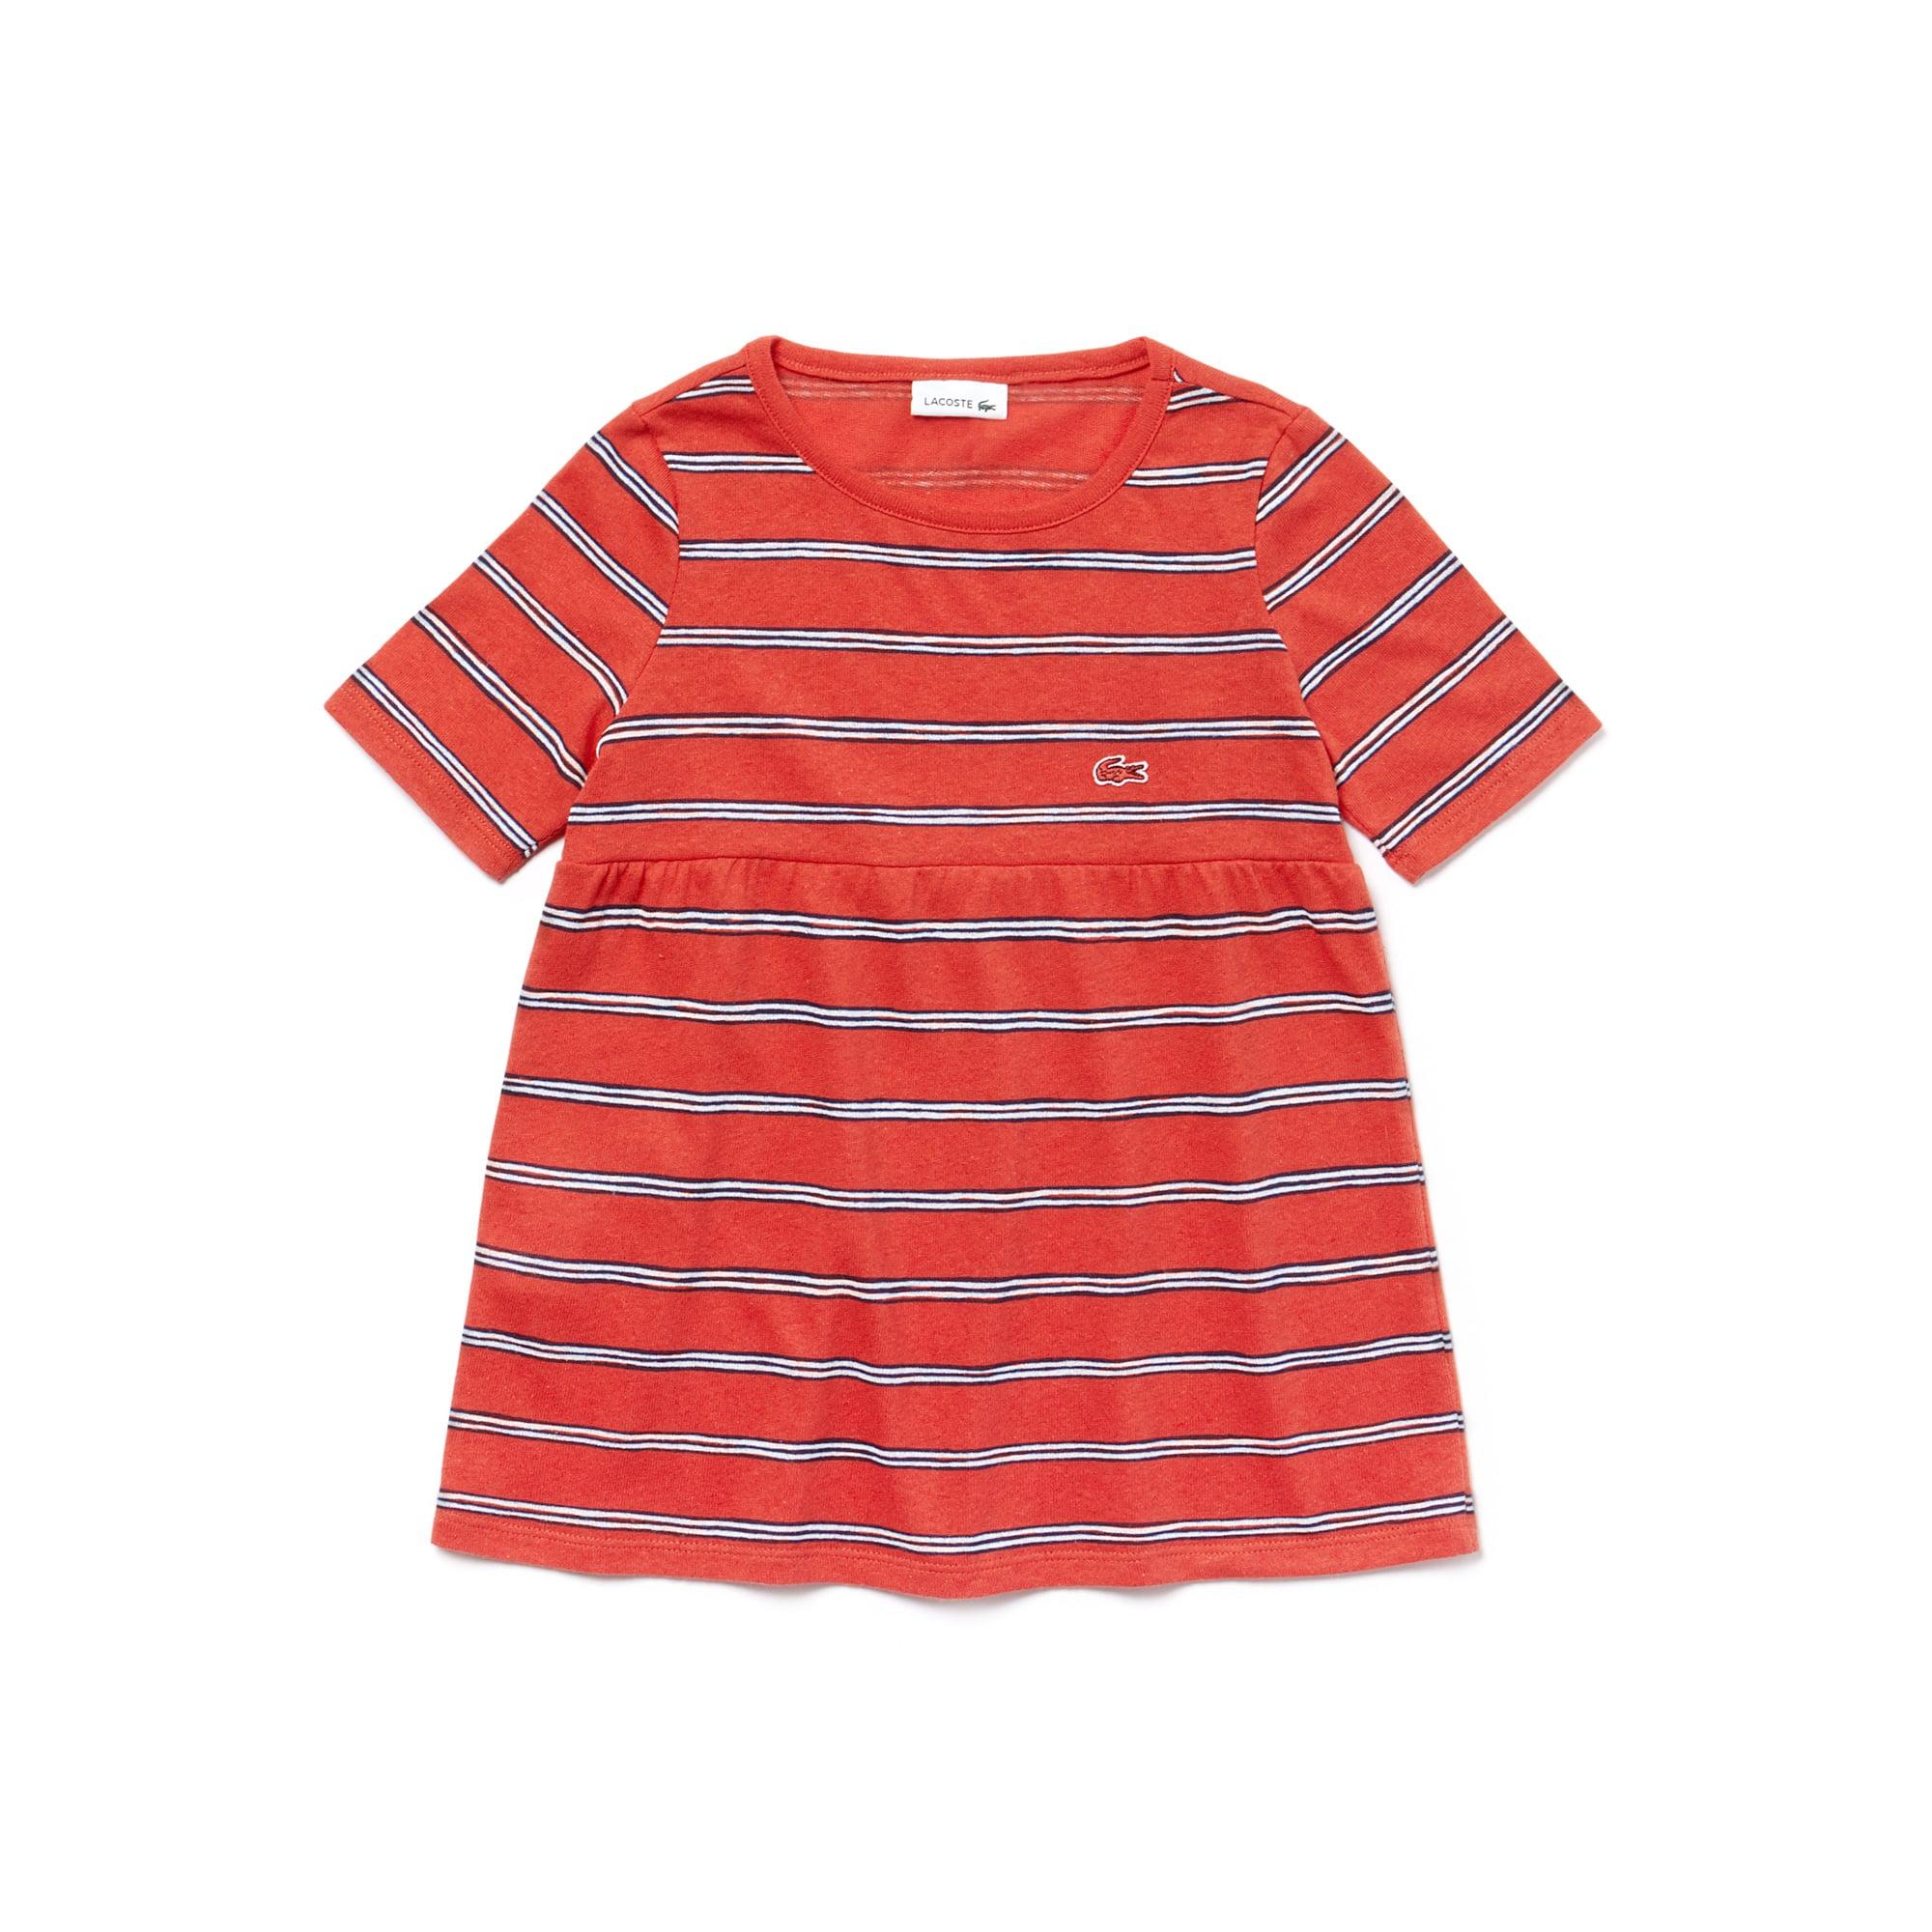 T-shirt Menina decote redondo em jersey de algodão e linho às riscas